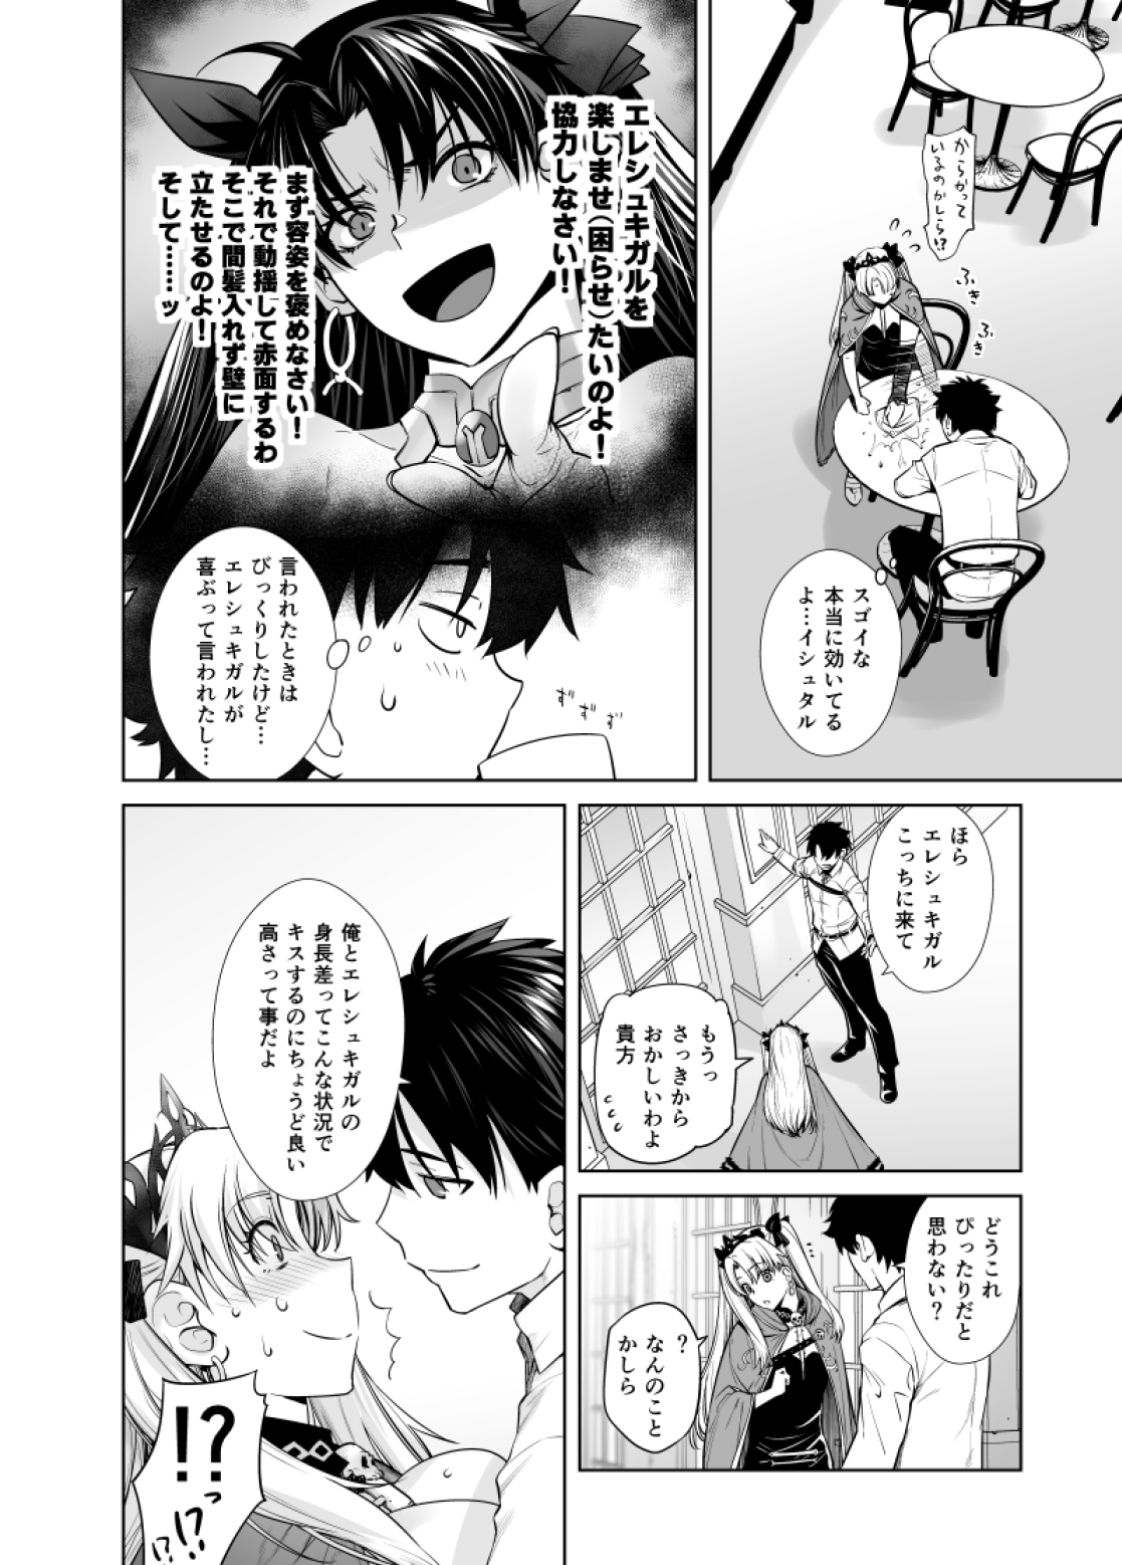 【エロ漫画】HEAVEN'S DRIVE 9 エレシュキガル(FGO)がアナルで犯される!「サークル:紅茶屋」【同人誌・コミック】#2